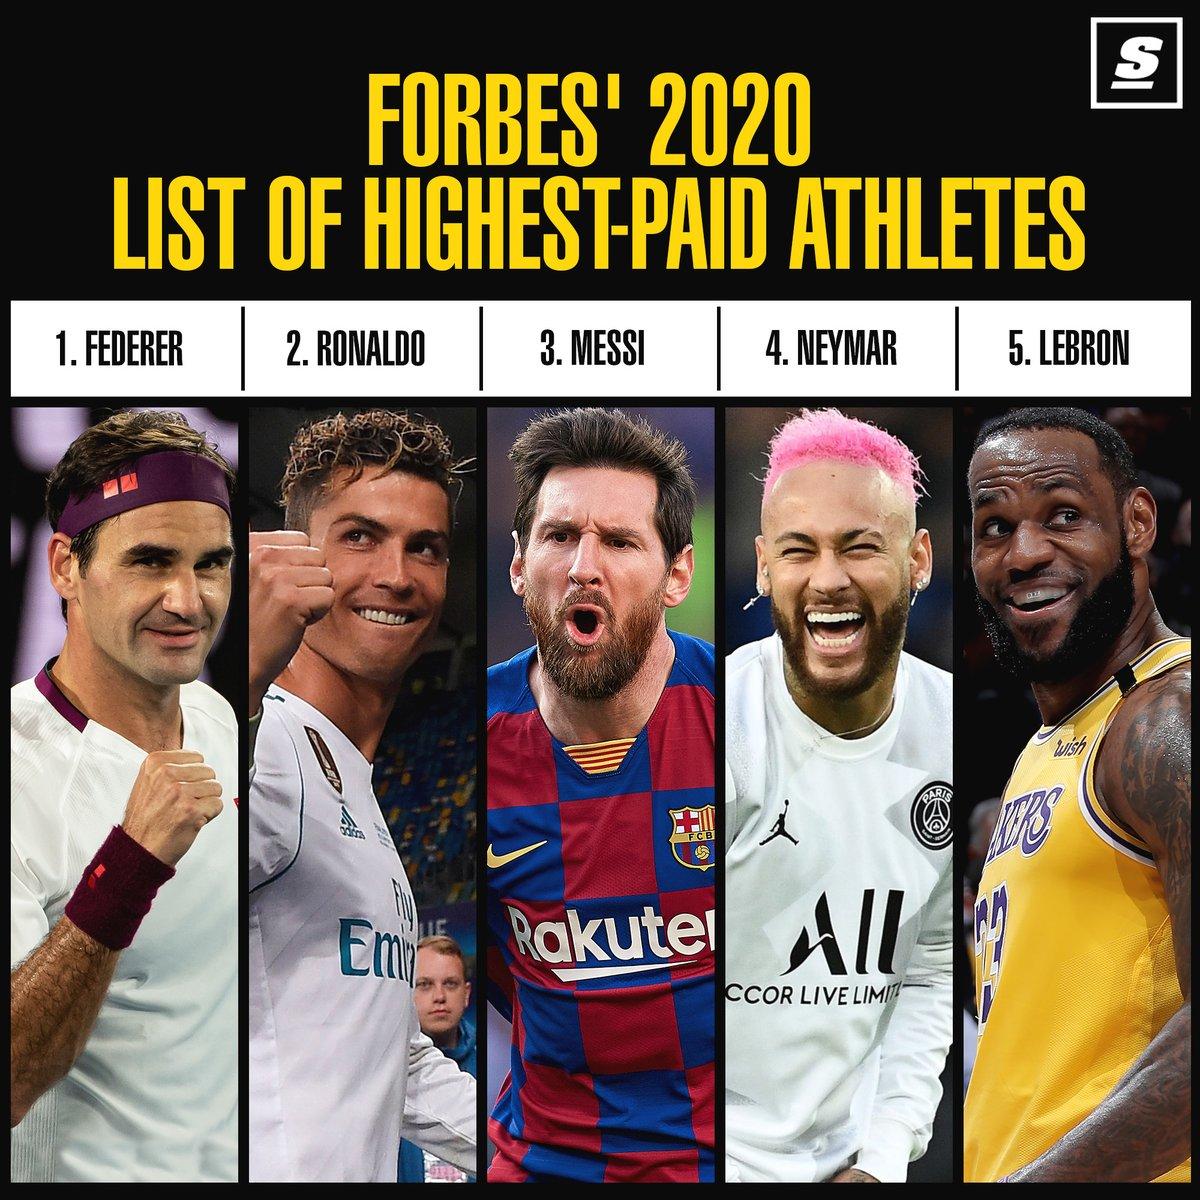 福布斯全球运动员2020年收入排行,费德勒登顶詹姆斯第五